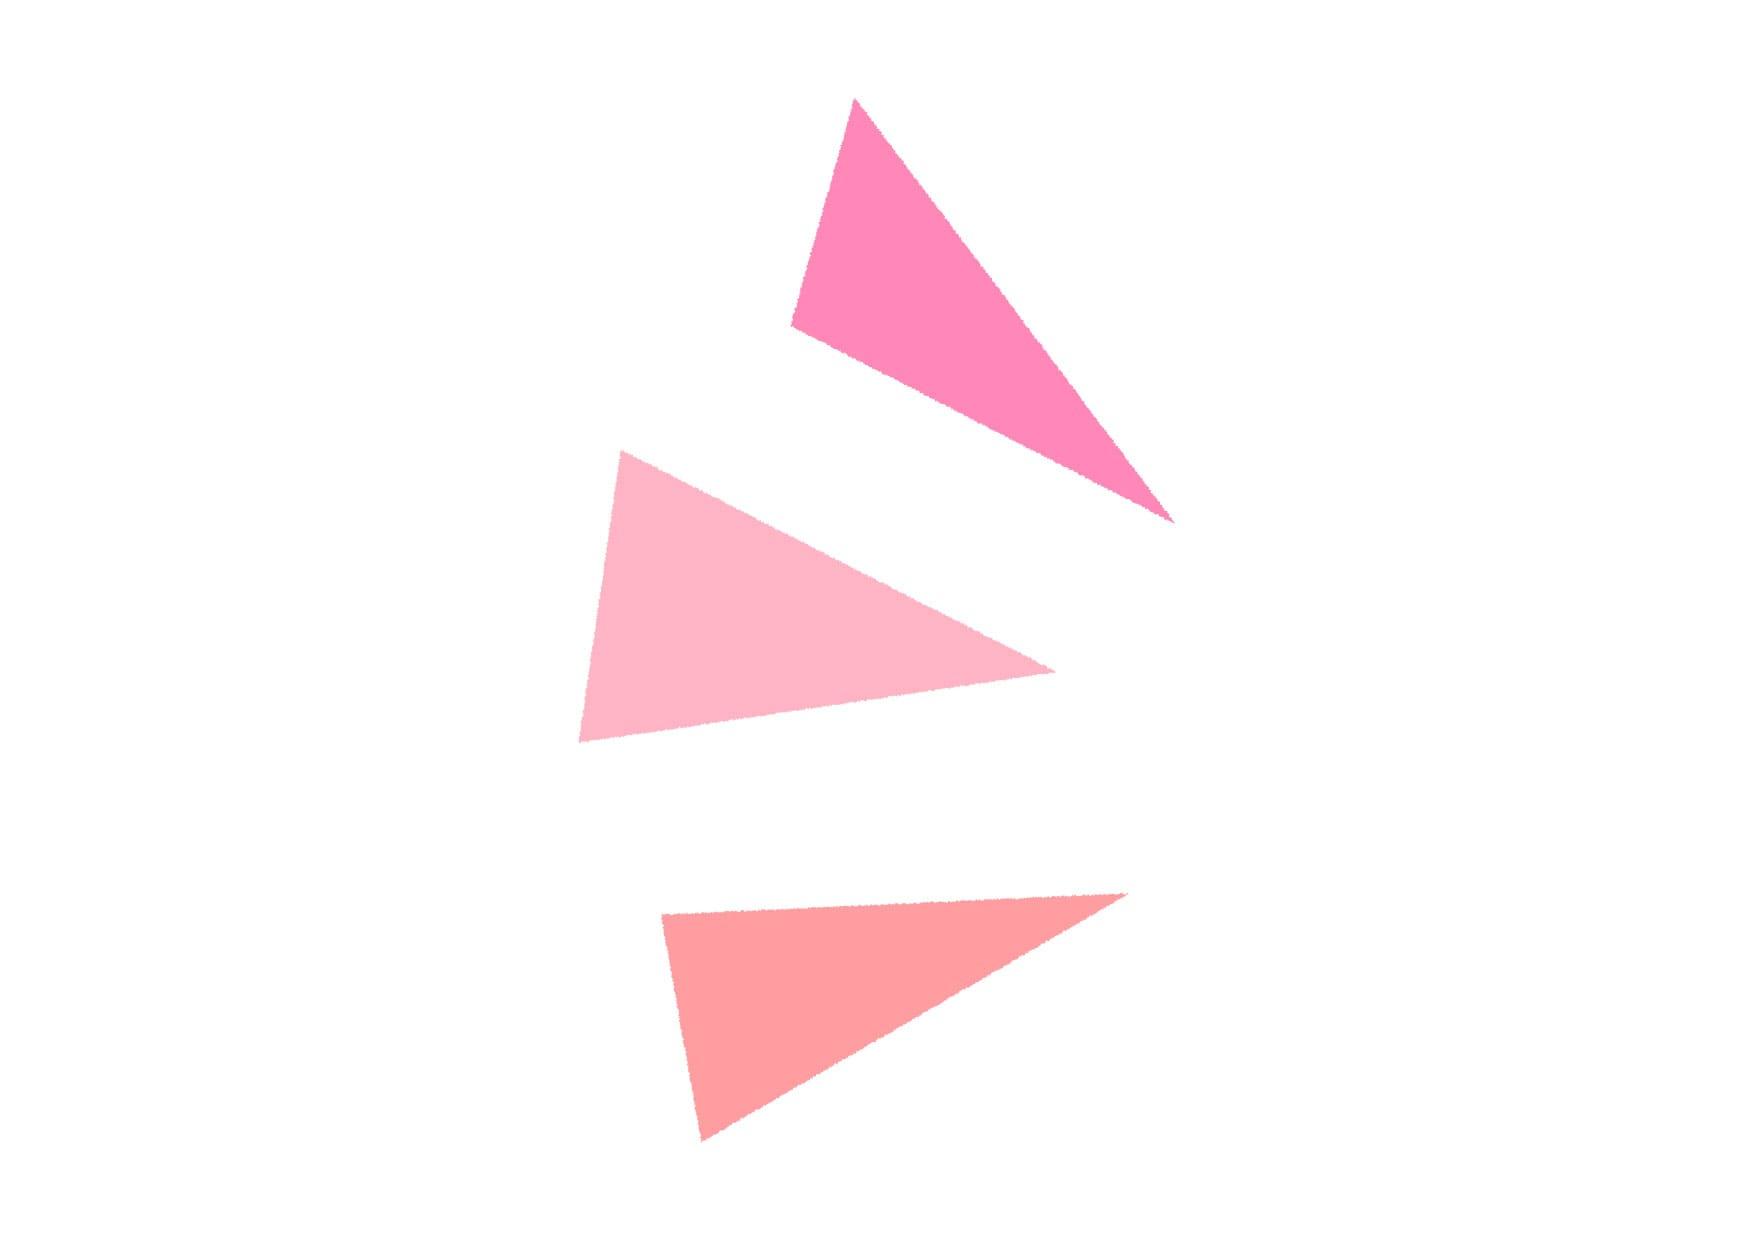 可愛いイラスト無料|気づき アイコン 左 ピンク − free illustration Triangle icon left pink